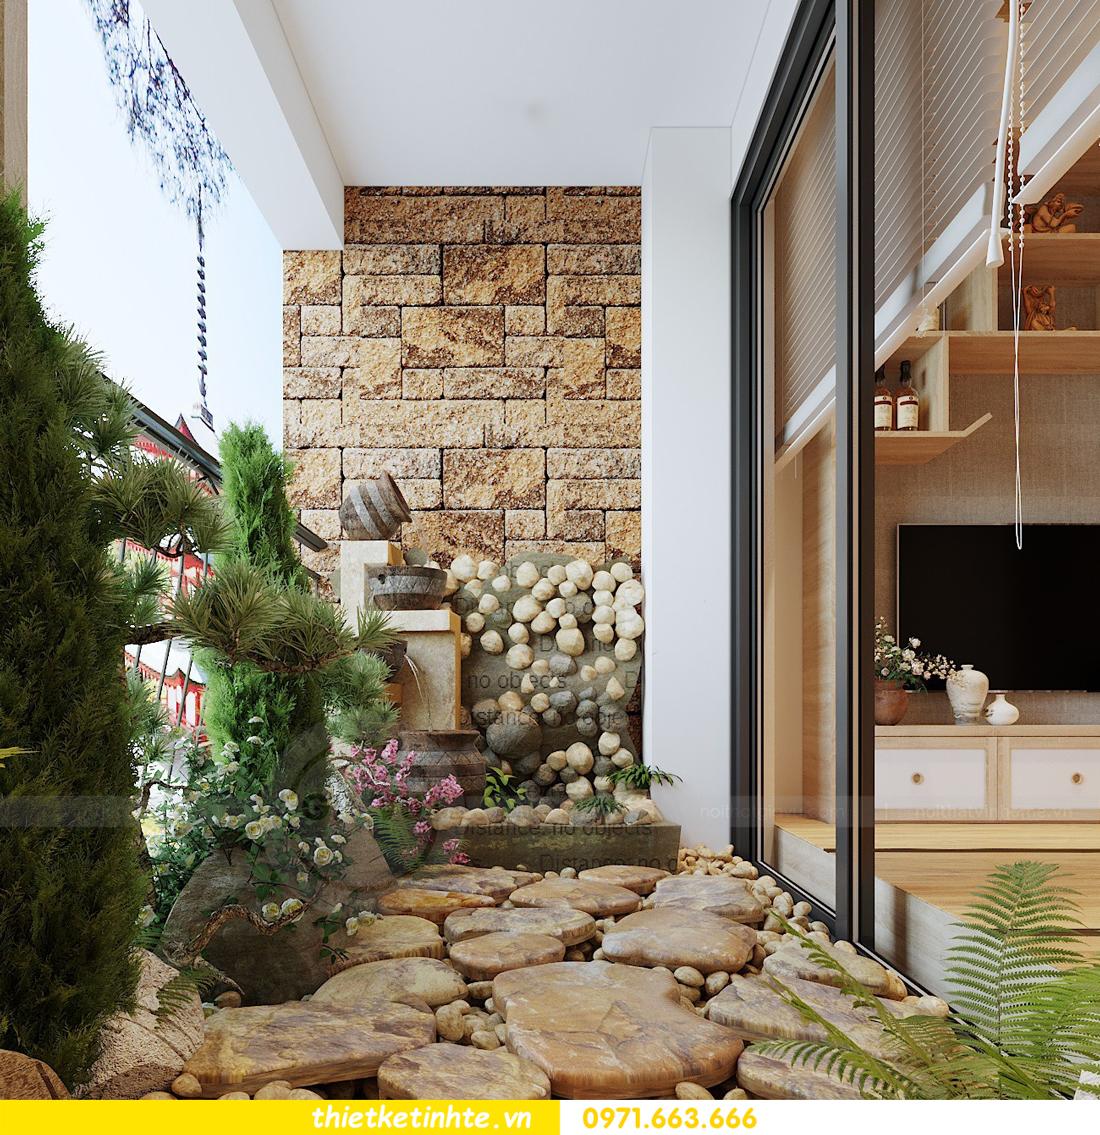 ý tưởng thiết kế nội thất cho căn hộ chung cư diện tích nhỏ 14